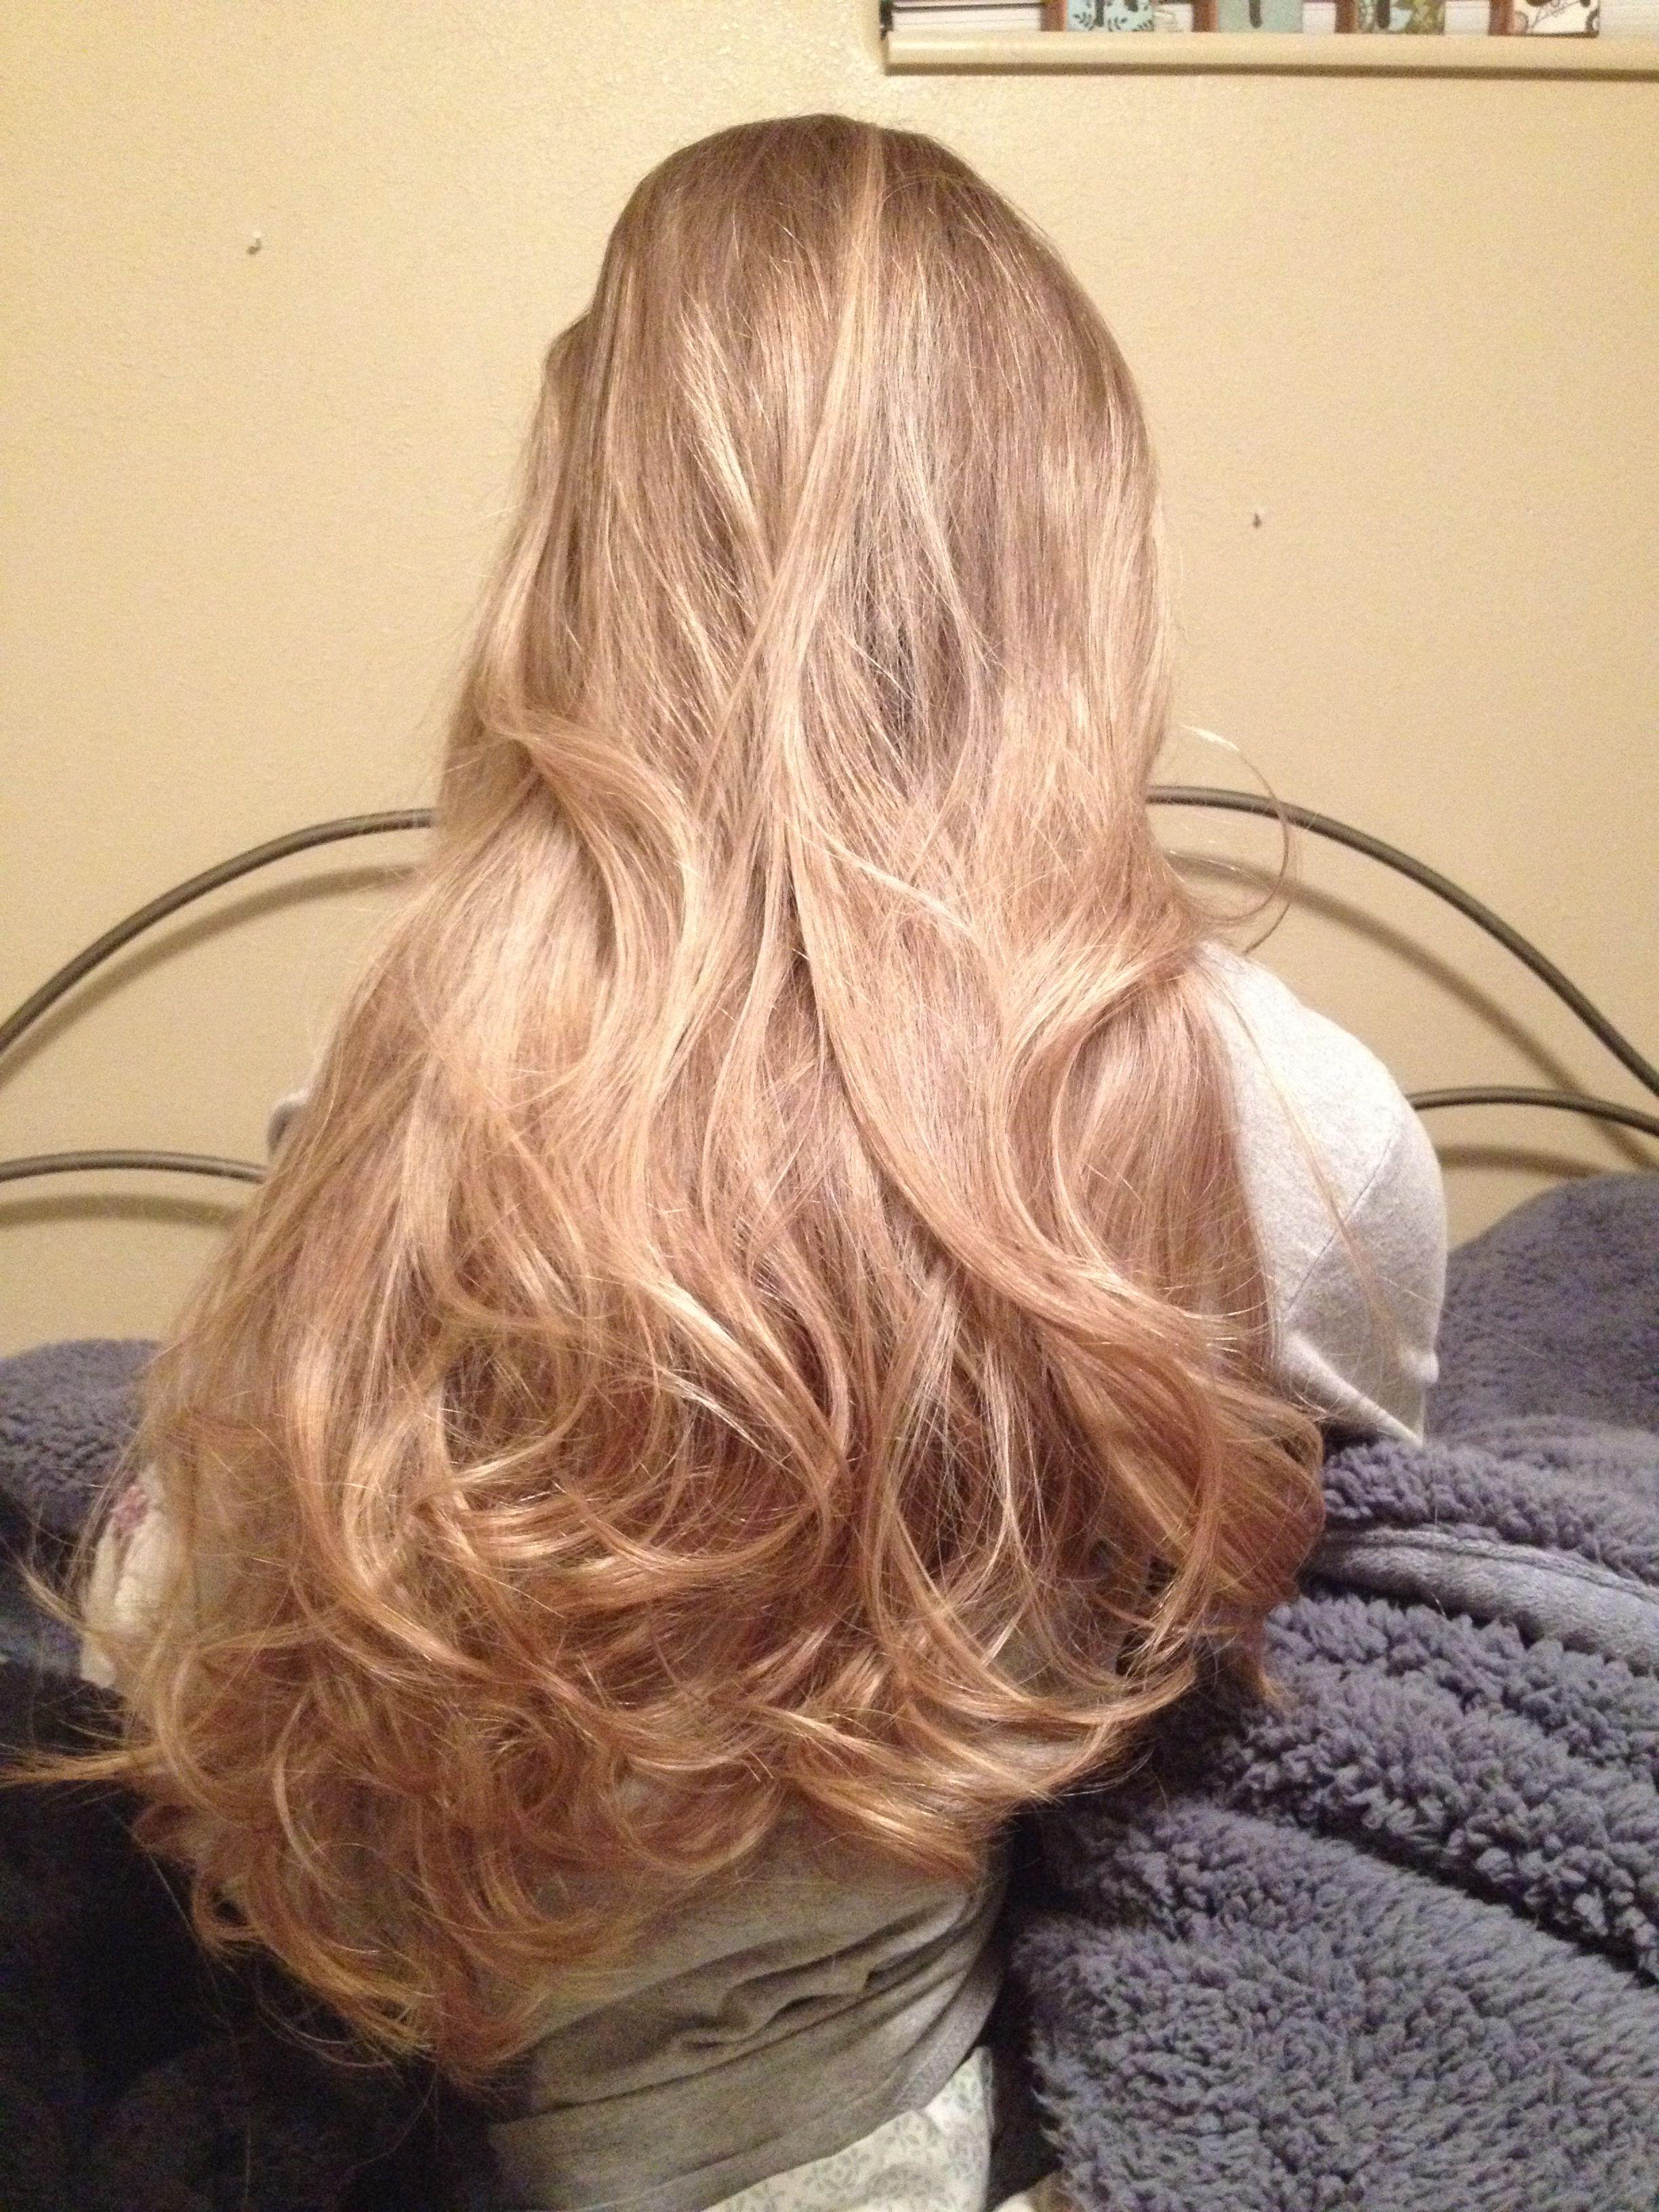 Relaxed curls hair ideas pinterest